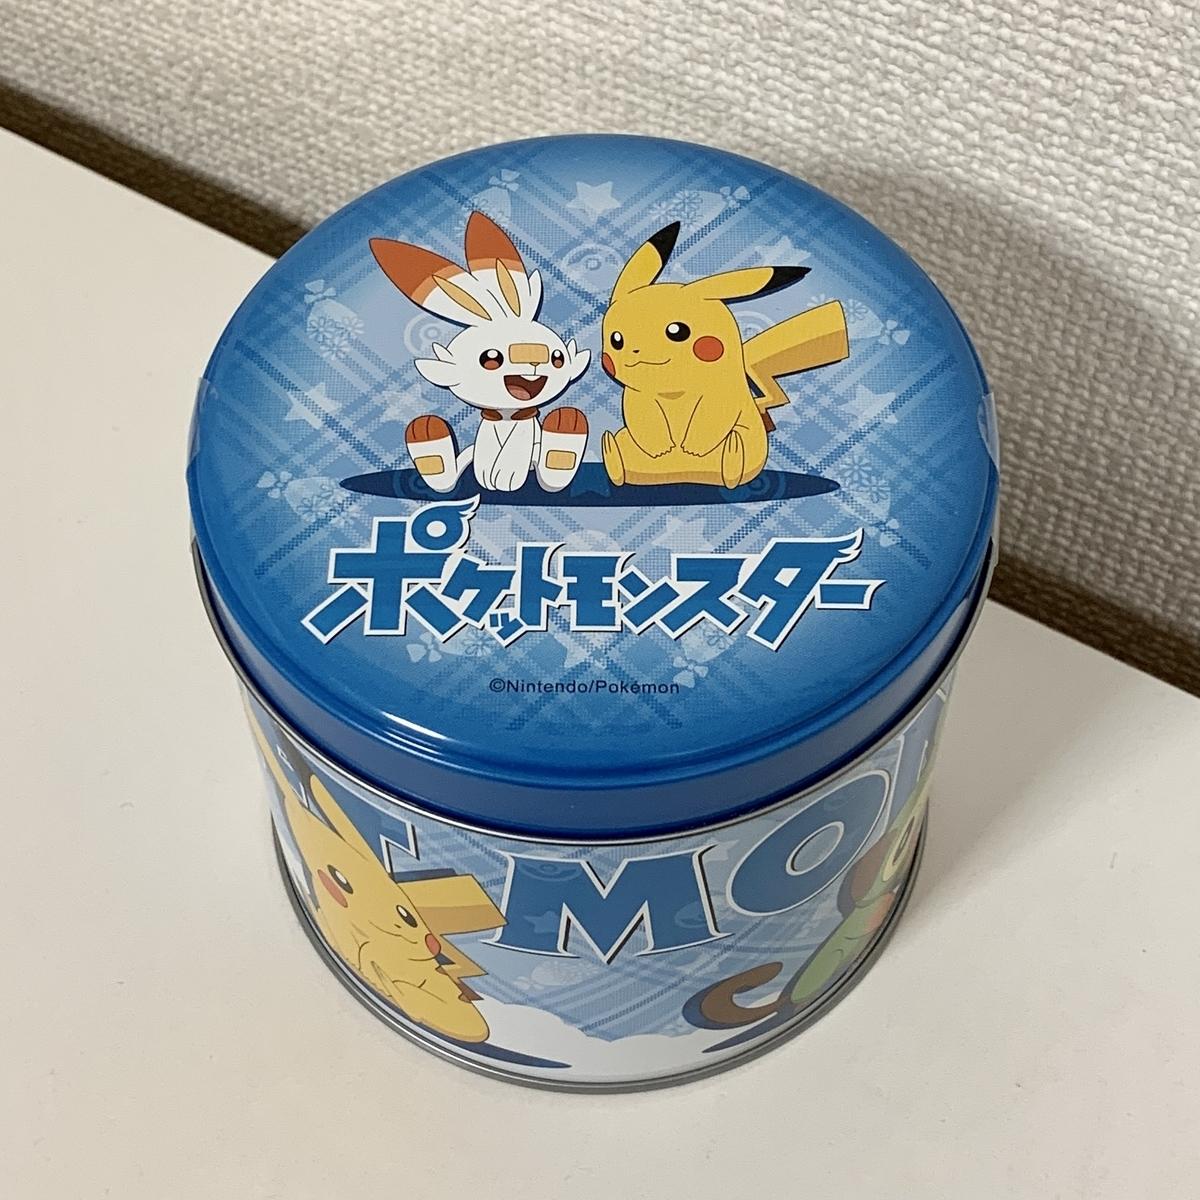 f:id:pikachu_pcn:20210125185726j:plain